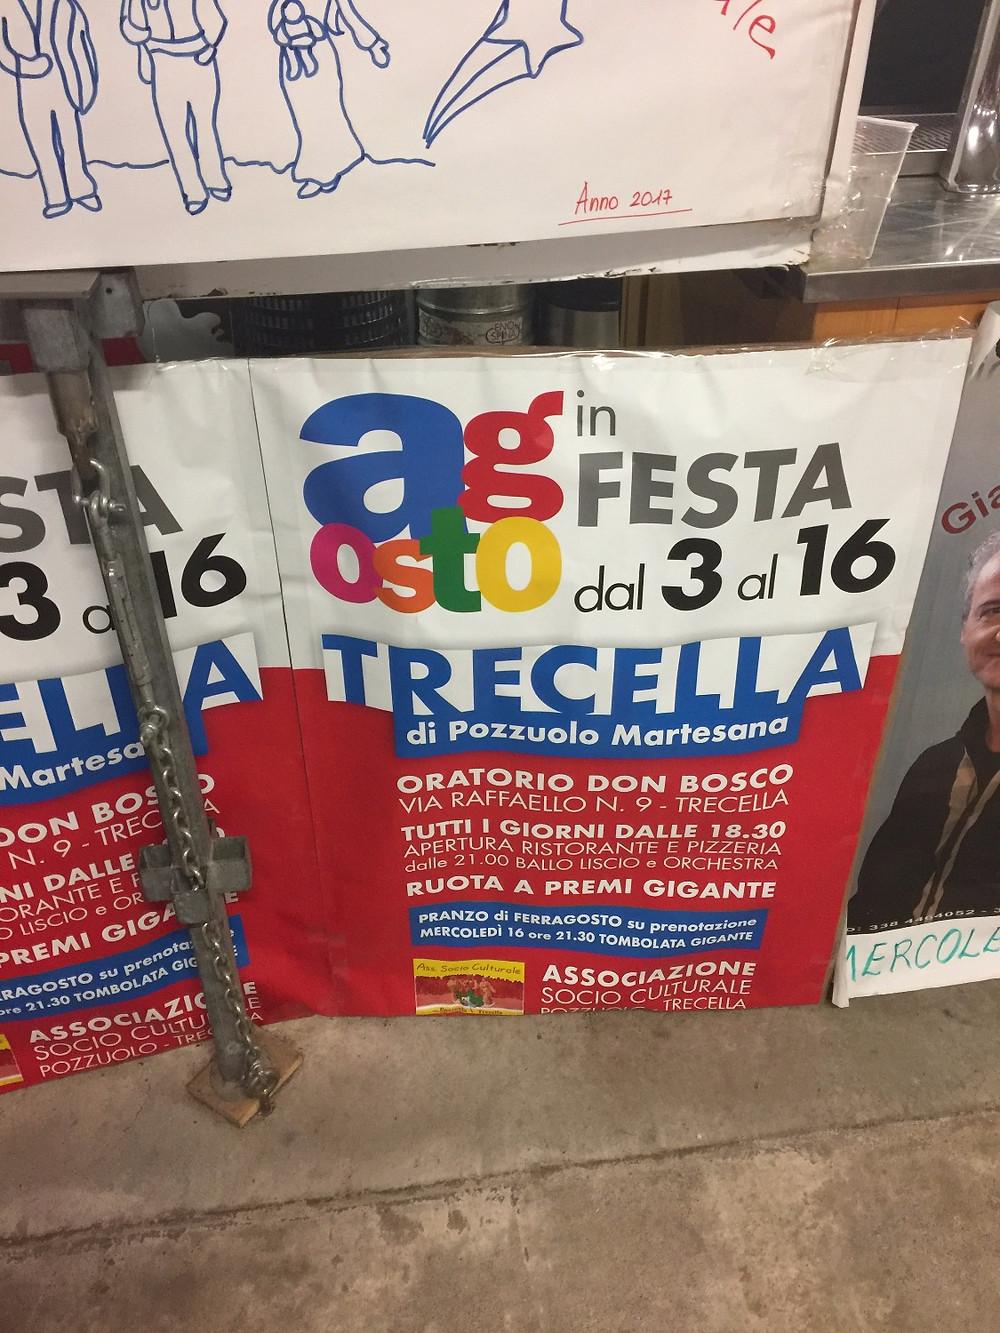 Жить в Италии. Как переехать в Италию